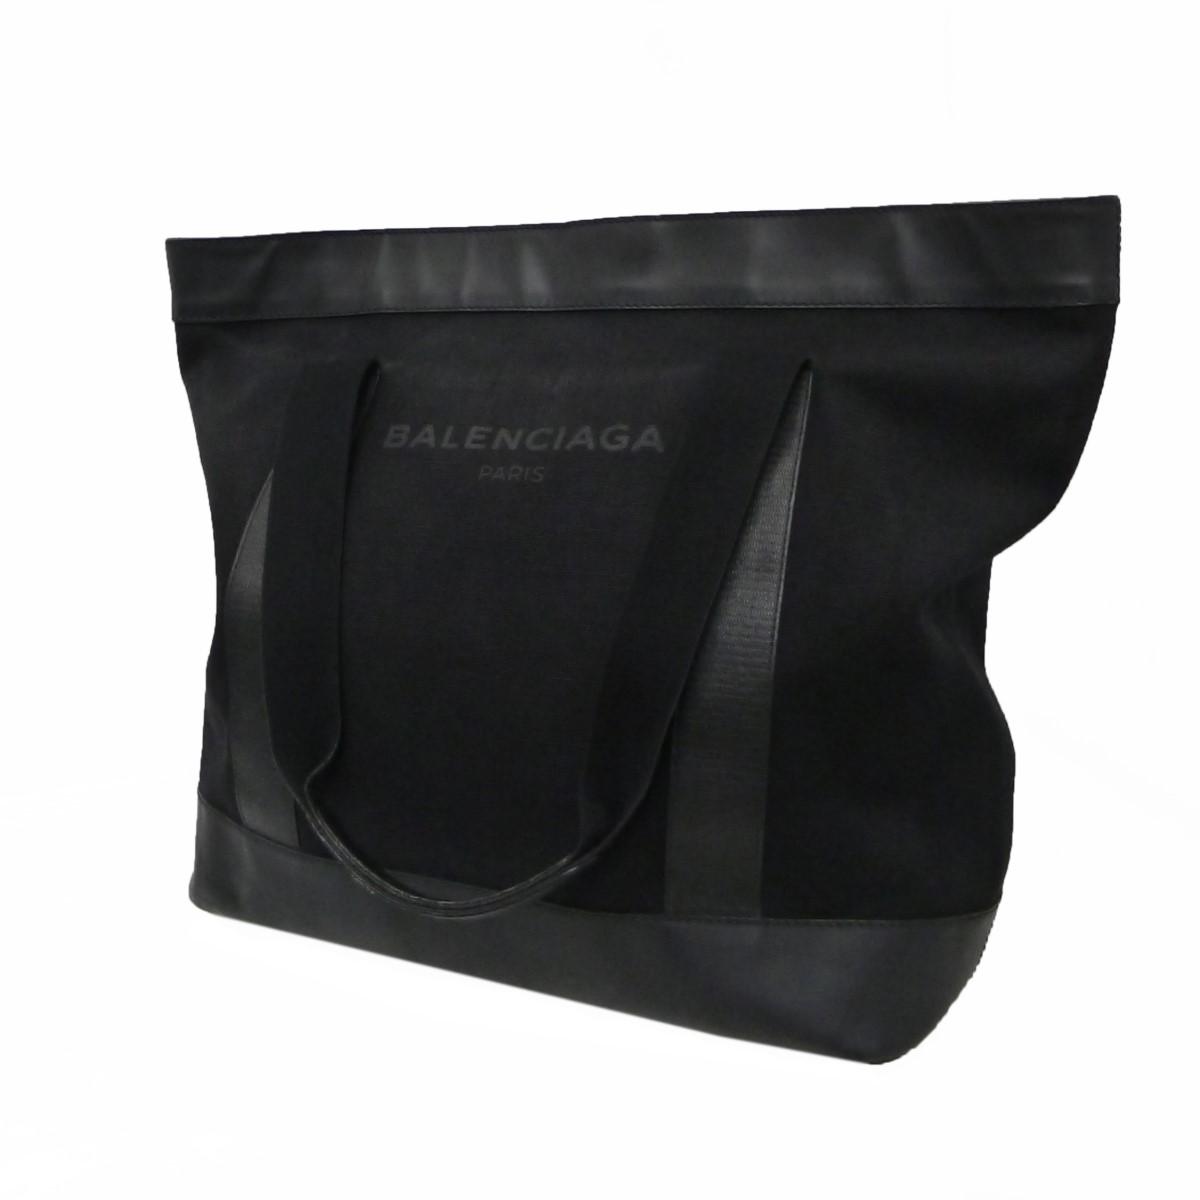 バレンシアガ 中古 BALENCIAGAキャンバストートバッグ ブラック 与え 新作からSALEアイテム等お得な商品満載 7月5日見直し